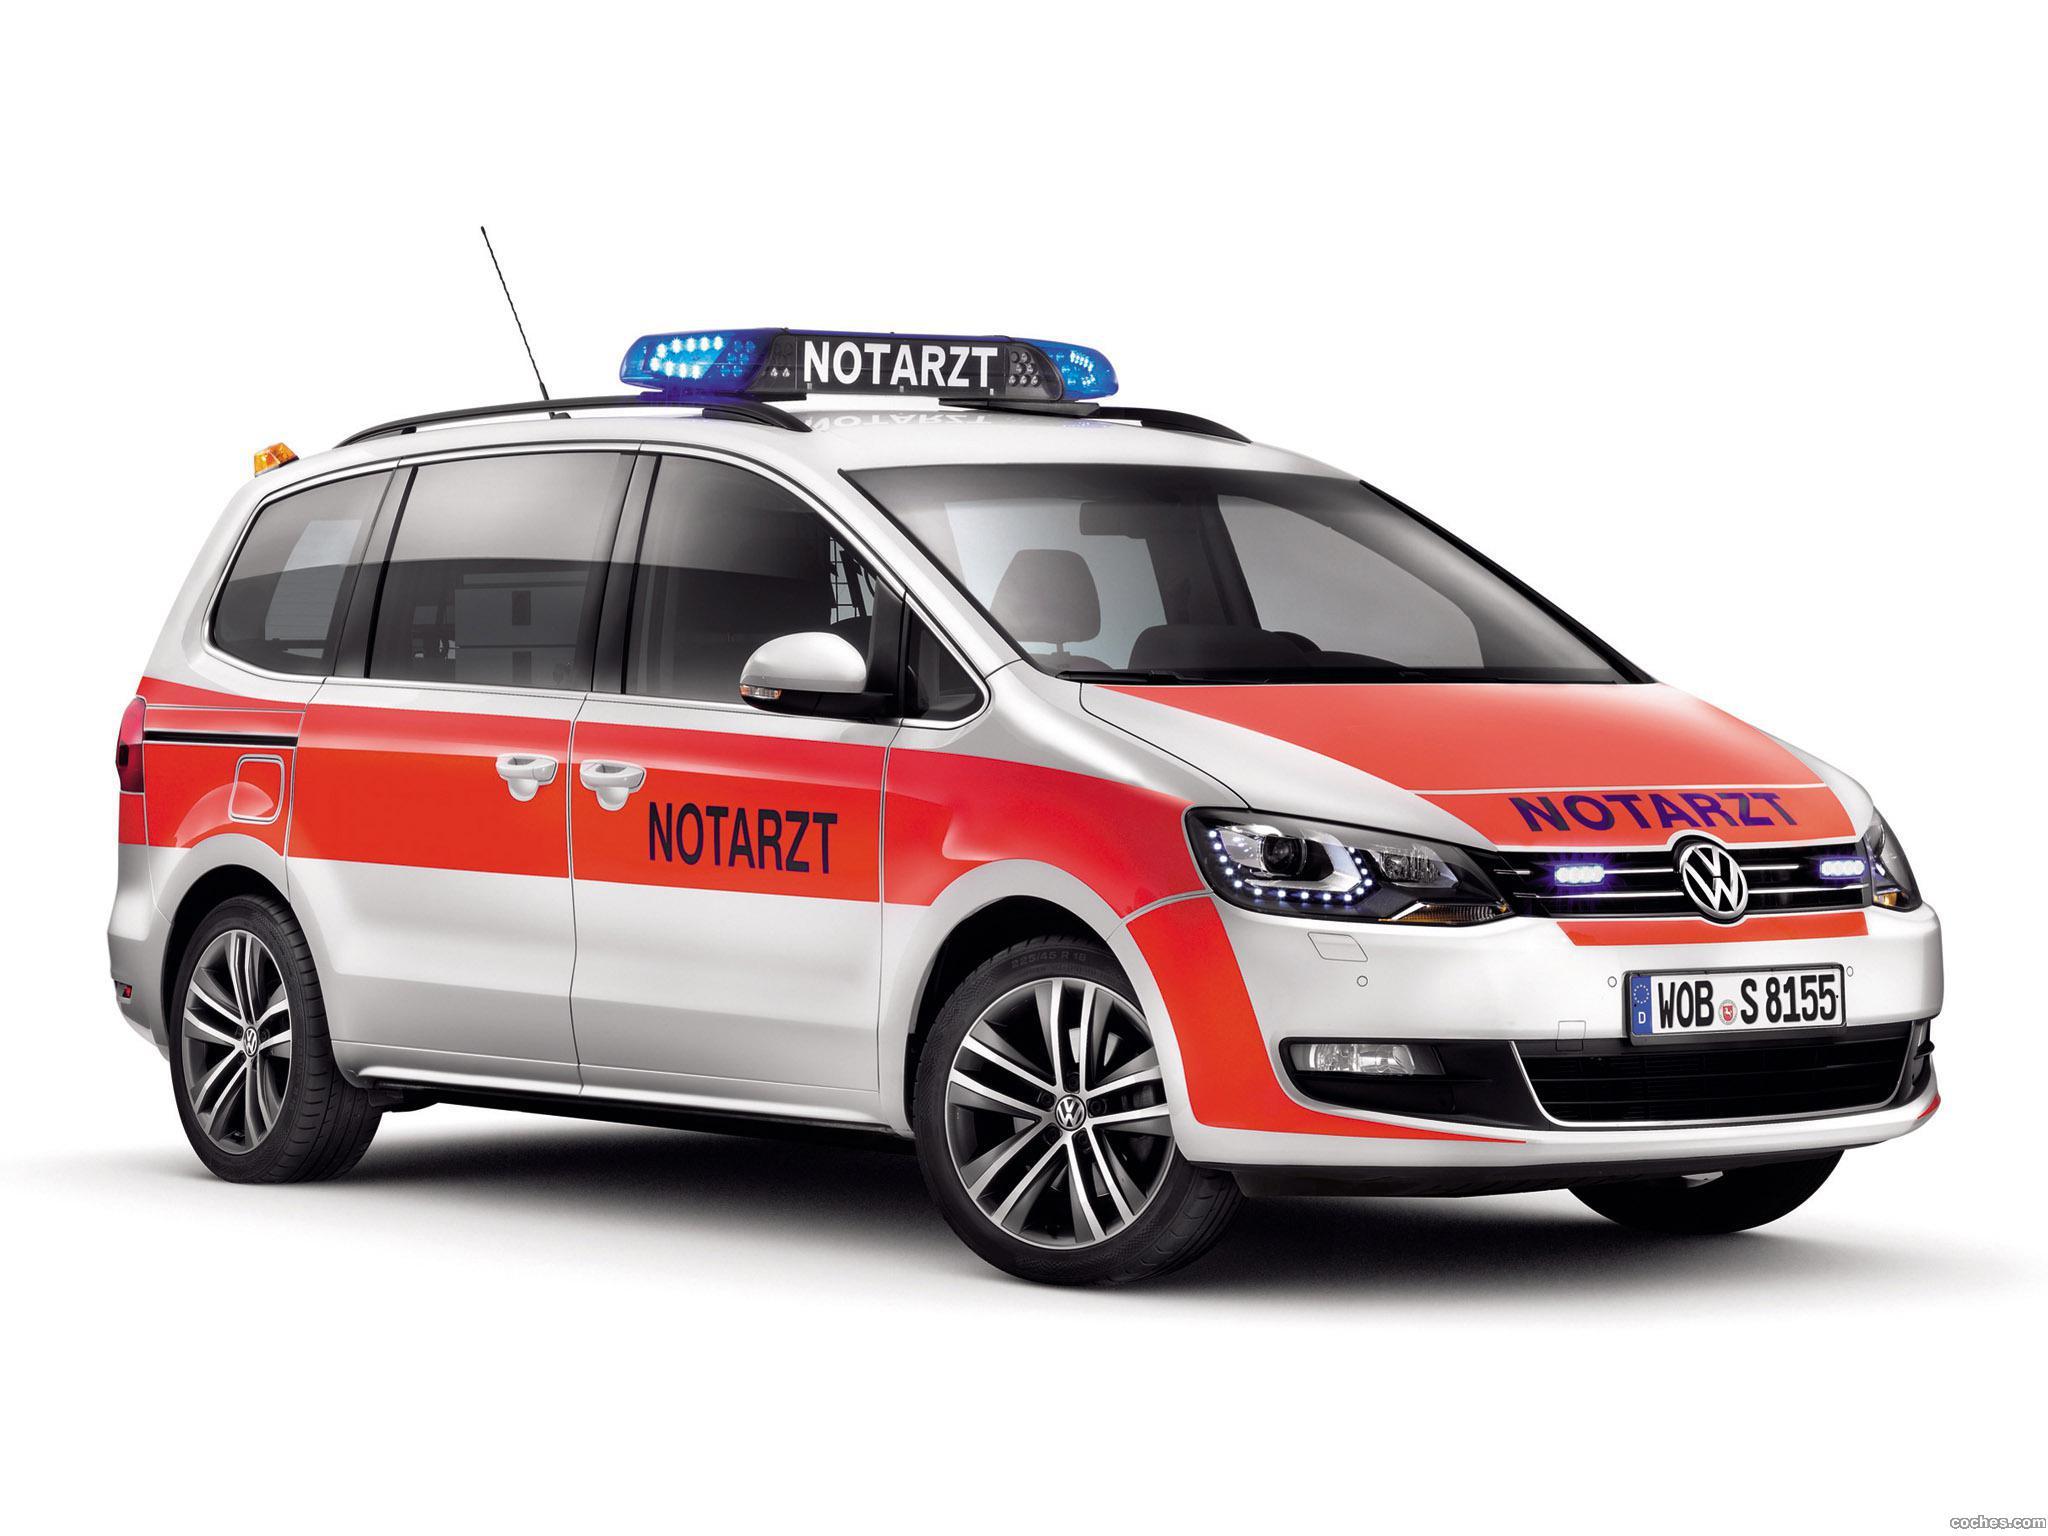 Foto 2 de Volkswagen Sharan Notarzt 2012